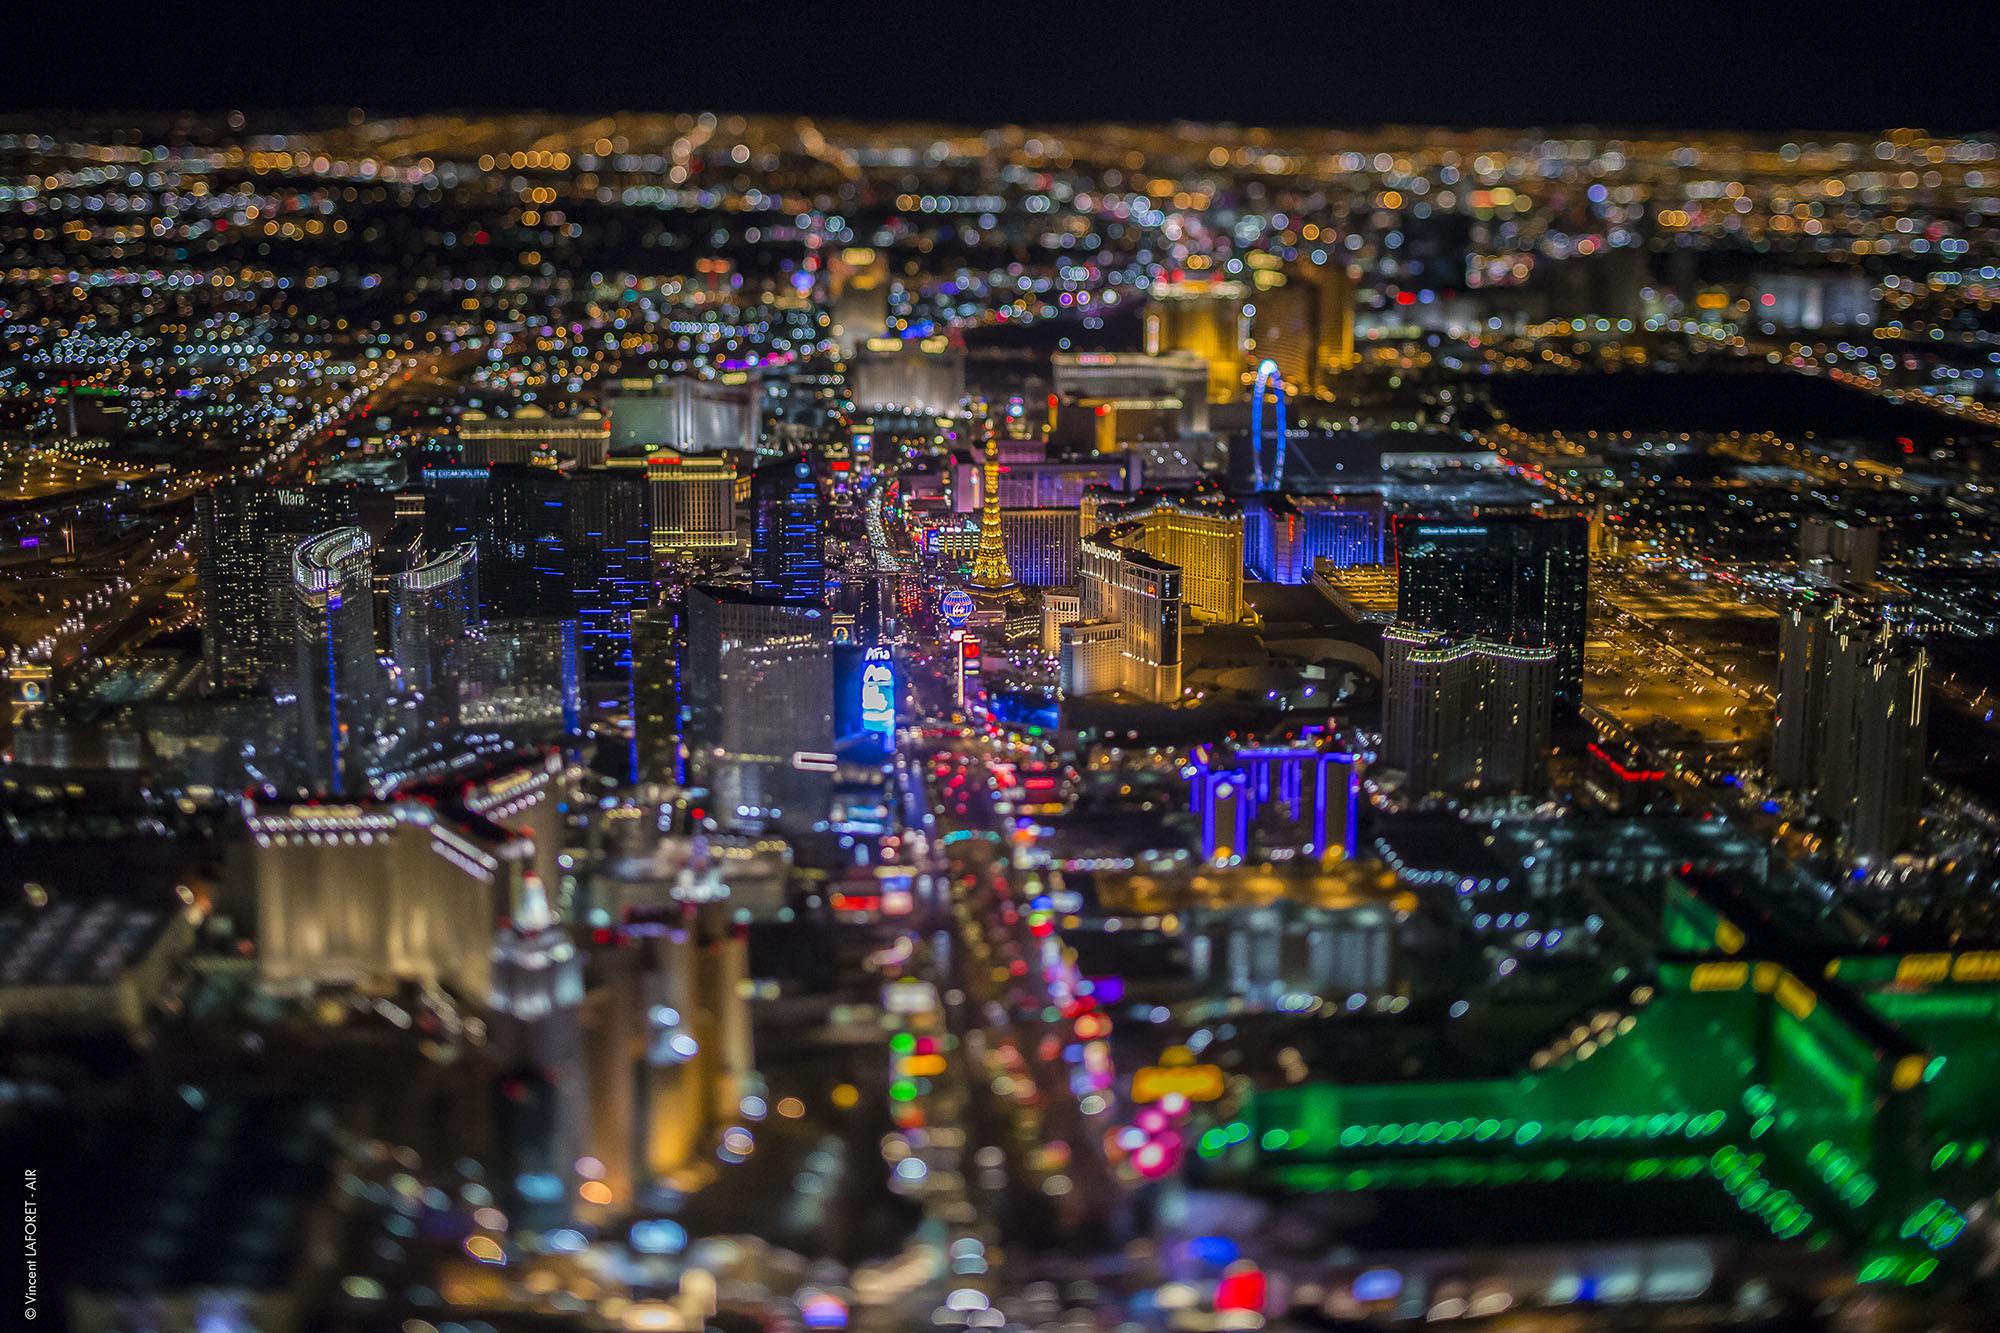 El fotógrafo Vincent Laforet nos presenta la ciudad de Las Vegas desde 3.3 kilómetros de altura, © Vincent Laforet